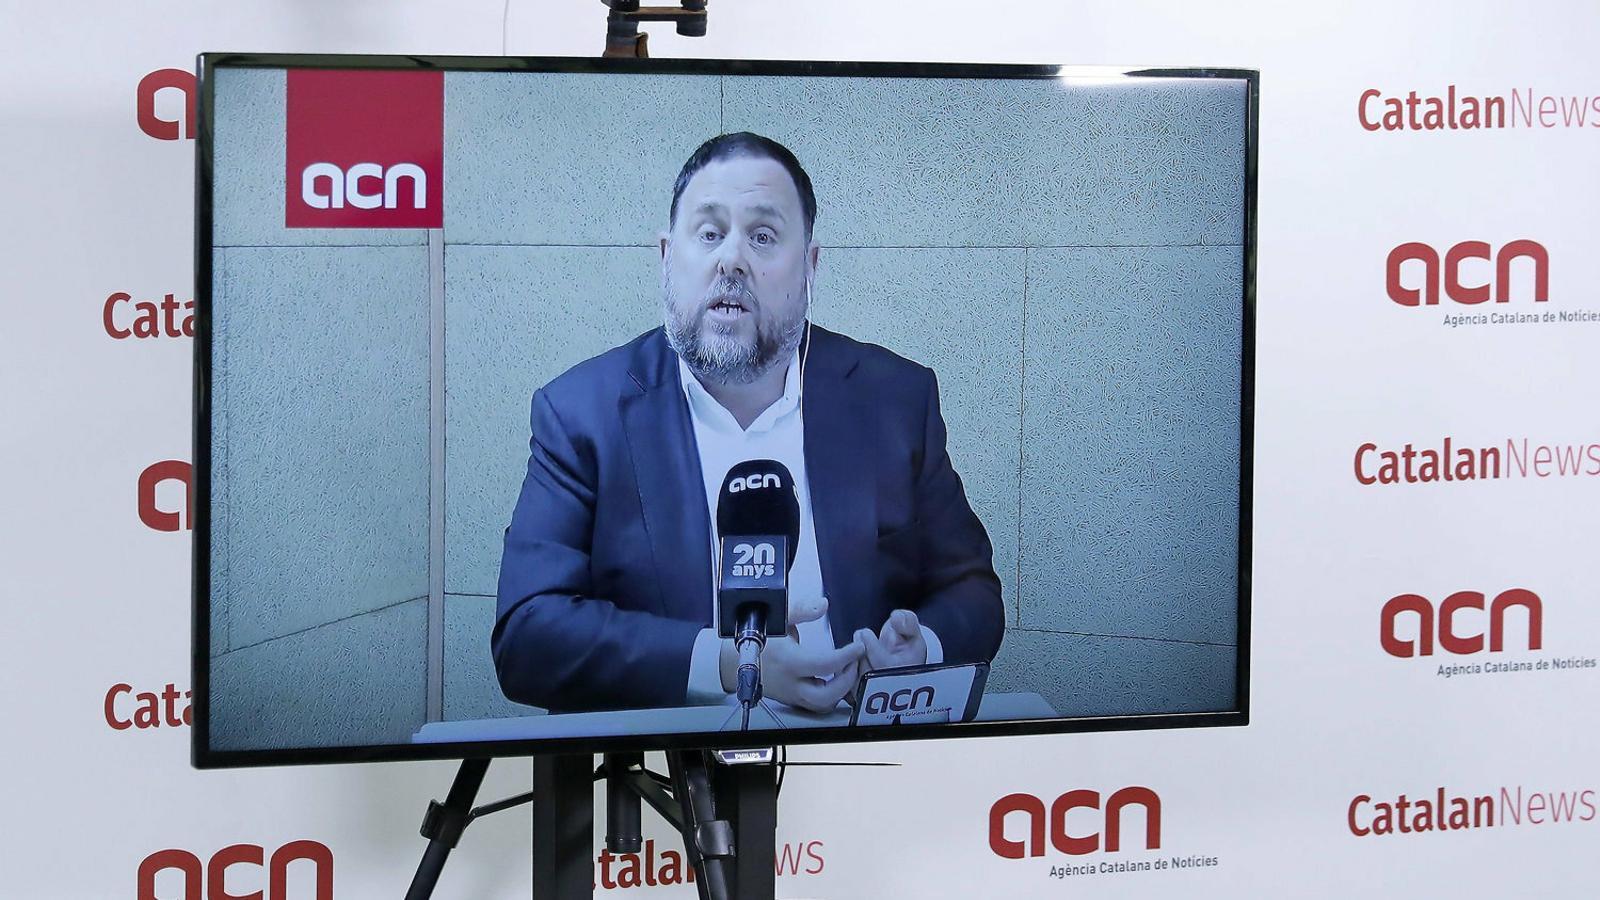 Els lletrats del Congrés estudien la suspensió dels presos polítics, que podria facilitar la investidura a Sánchez